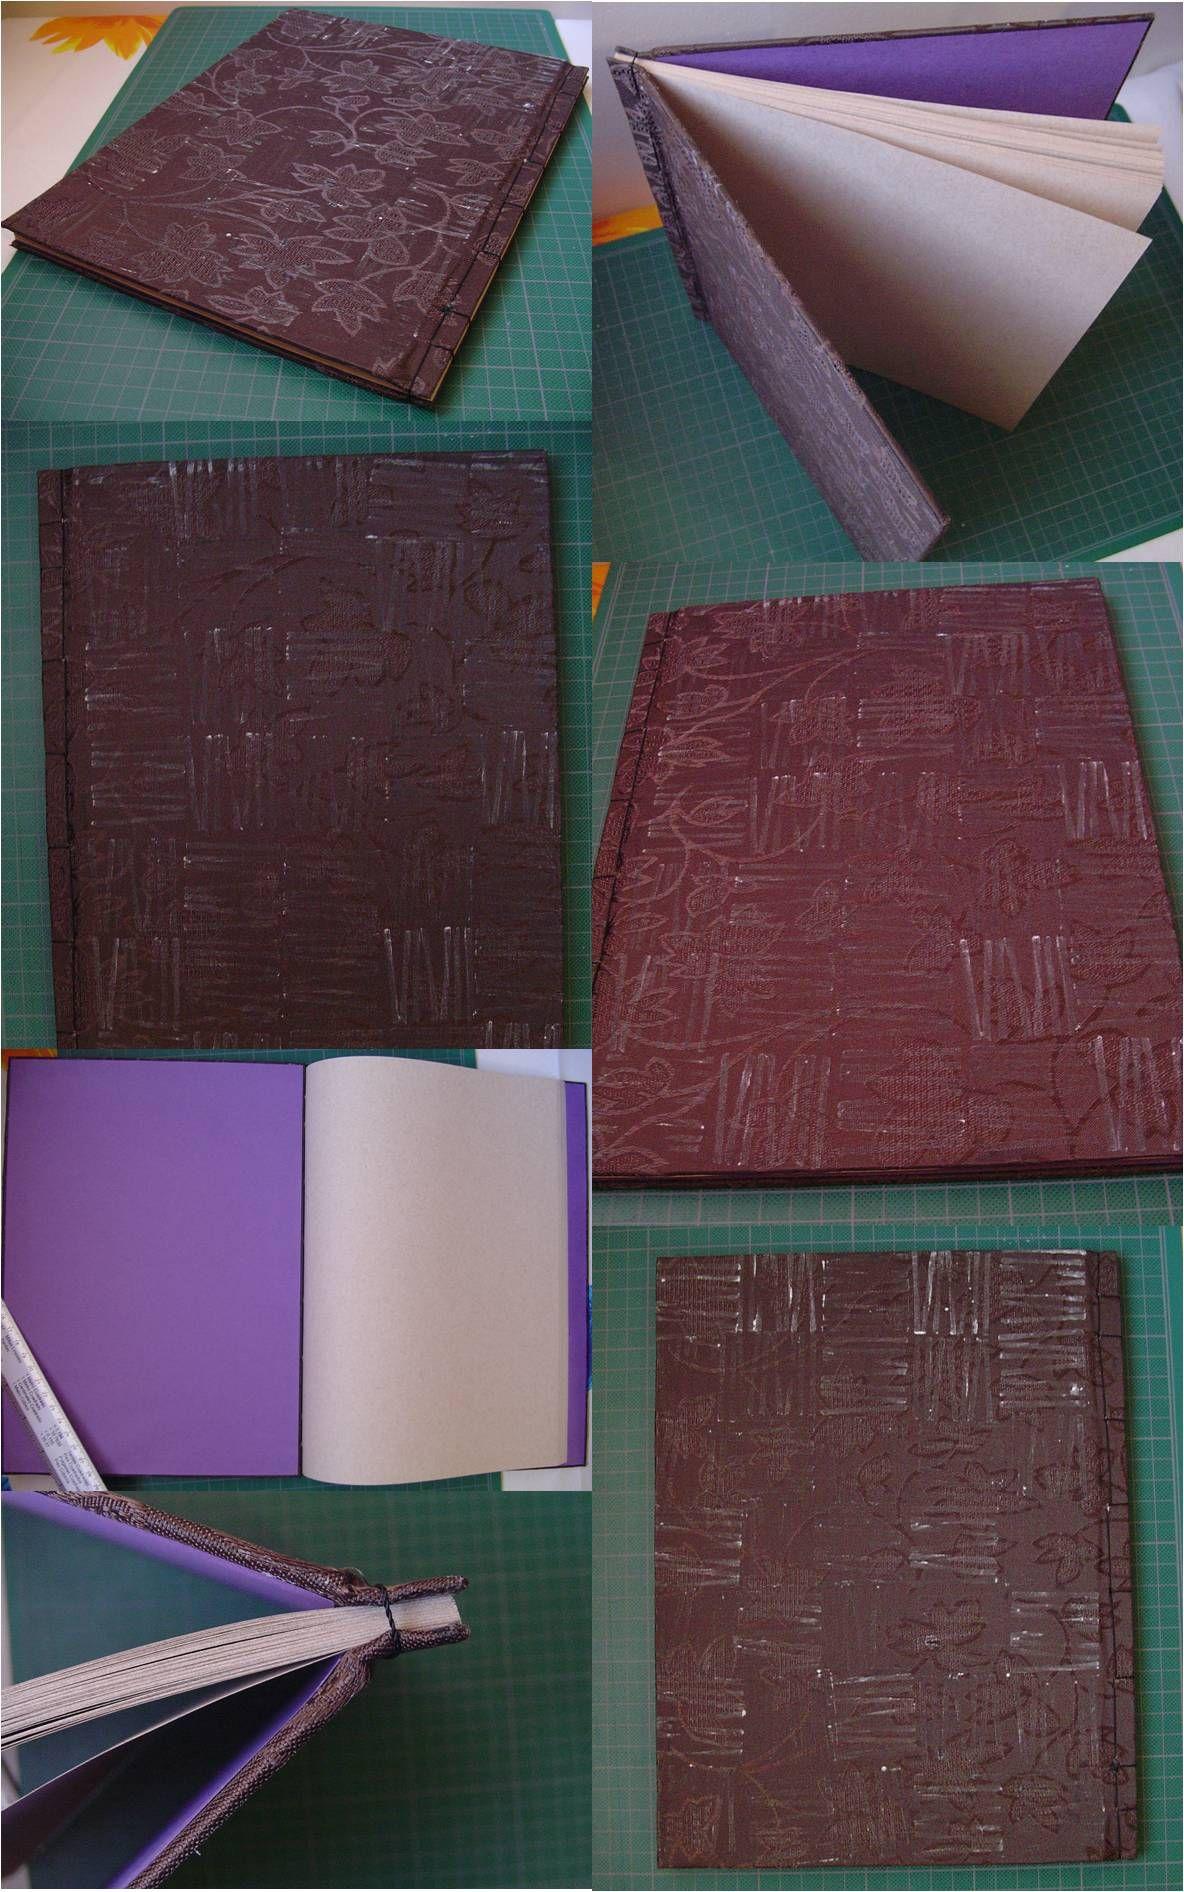 Libreta artesanal tamaño carta, pastas duras, cosido japonés. *** Para saber cómo comprar, clic acá (envíos a cualquier parte de México): http://raccontourahara.tumblr.com/post/100872015565/libretas-racconto-urahara